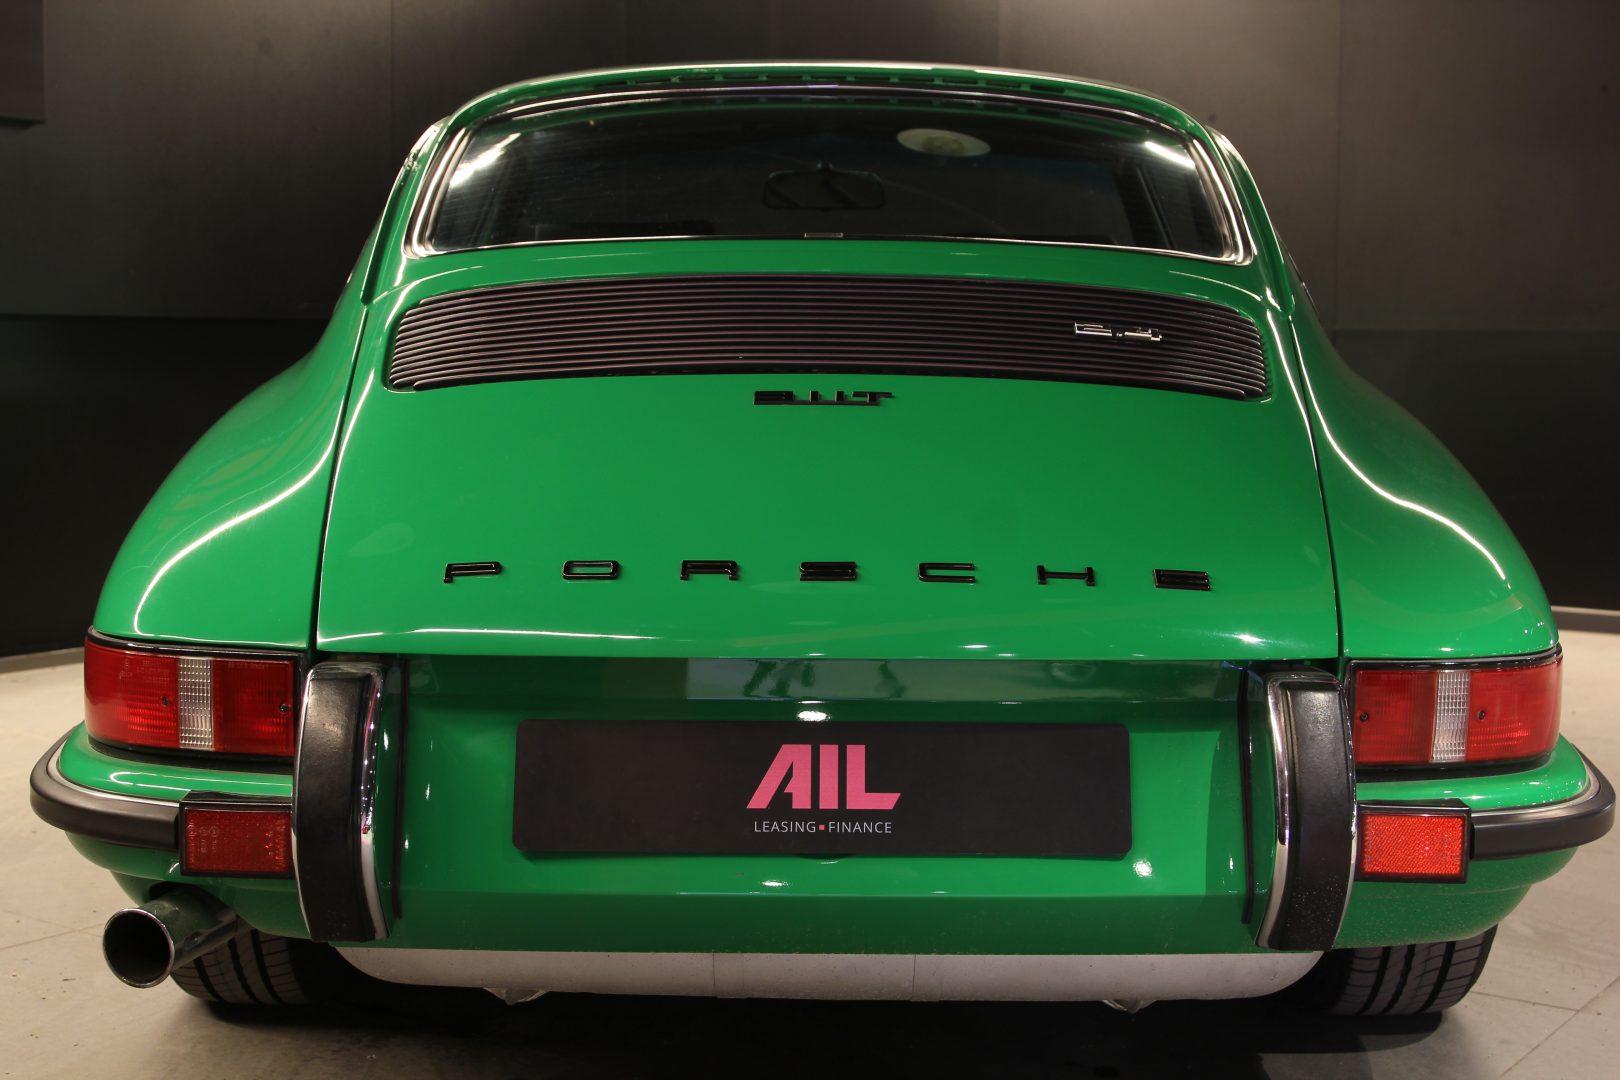 AIL Porsche 911 T 2,4 1